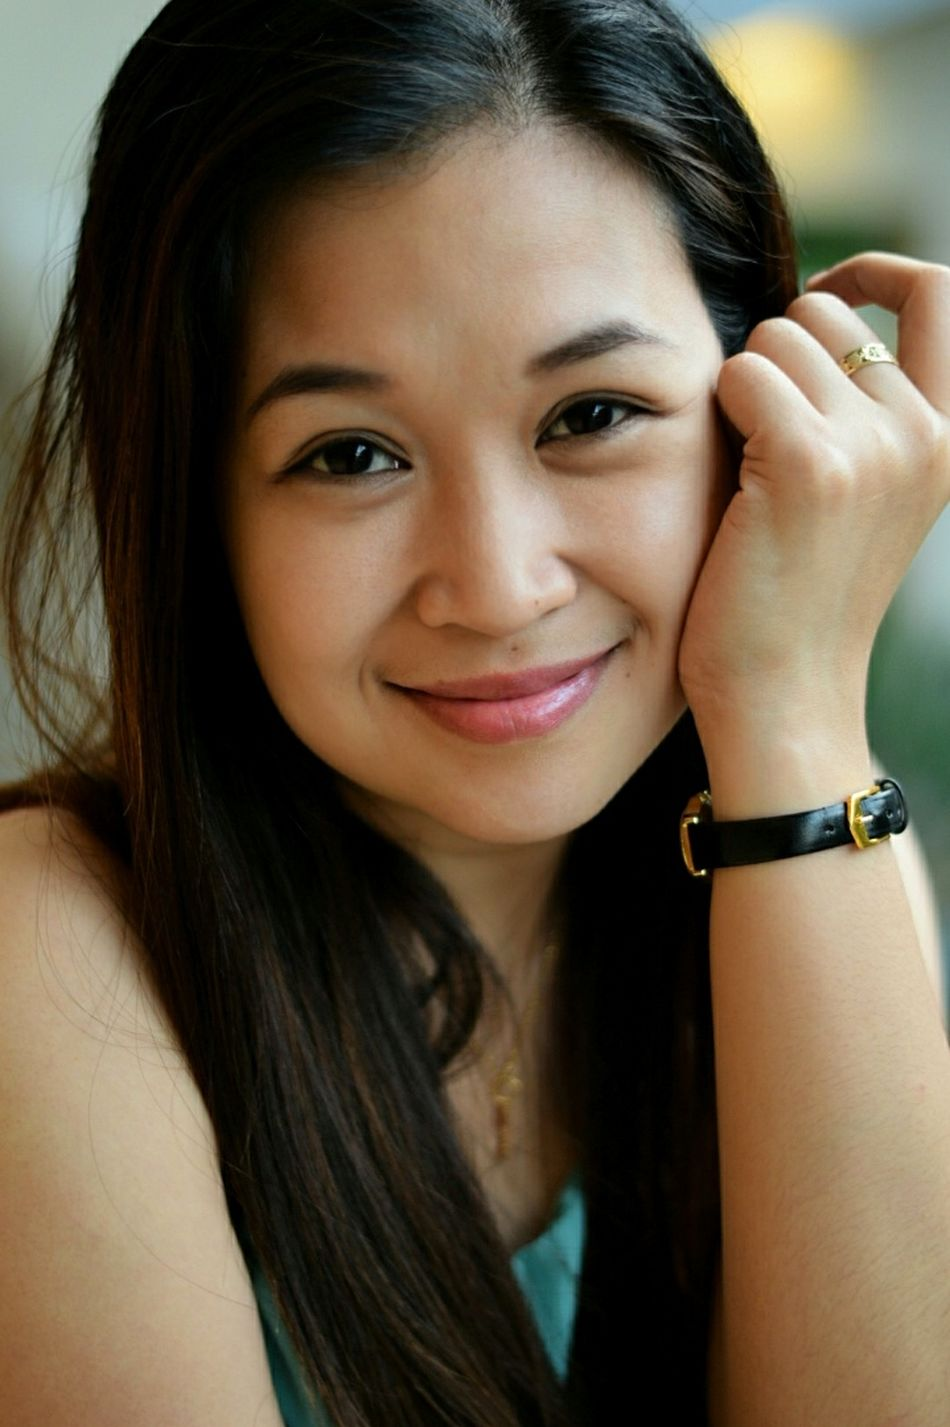 Asian  Filipino Filipina Filipina Beauty Smile Smilingeyes Pretty Woman Cute Beautiful Simplebeauty  Portrait Eyes Woman Portrait